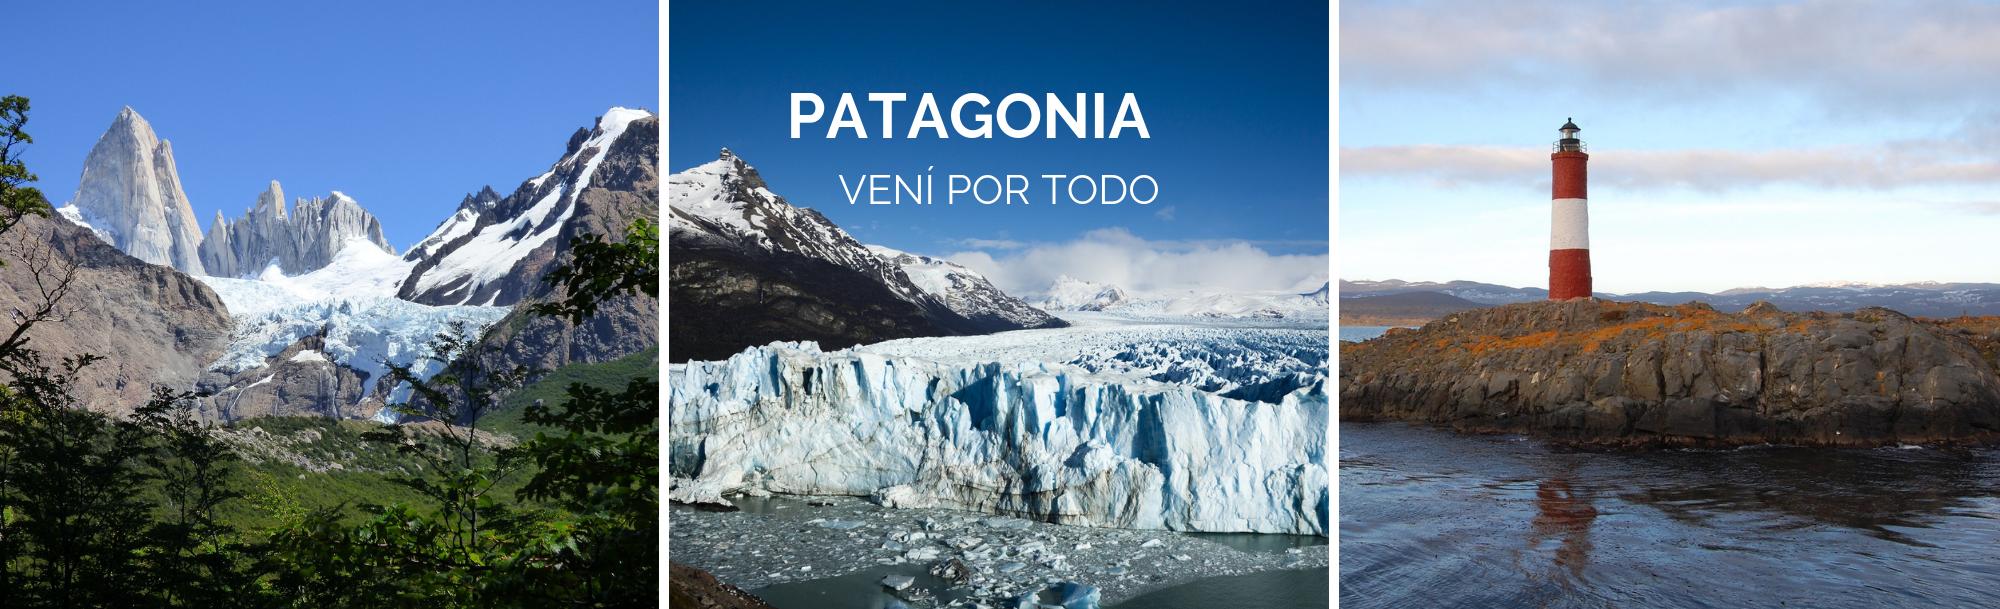 Patagonia Vení por todo